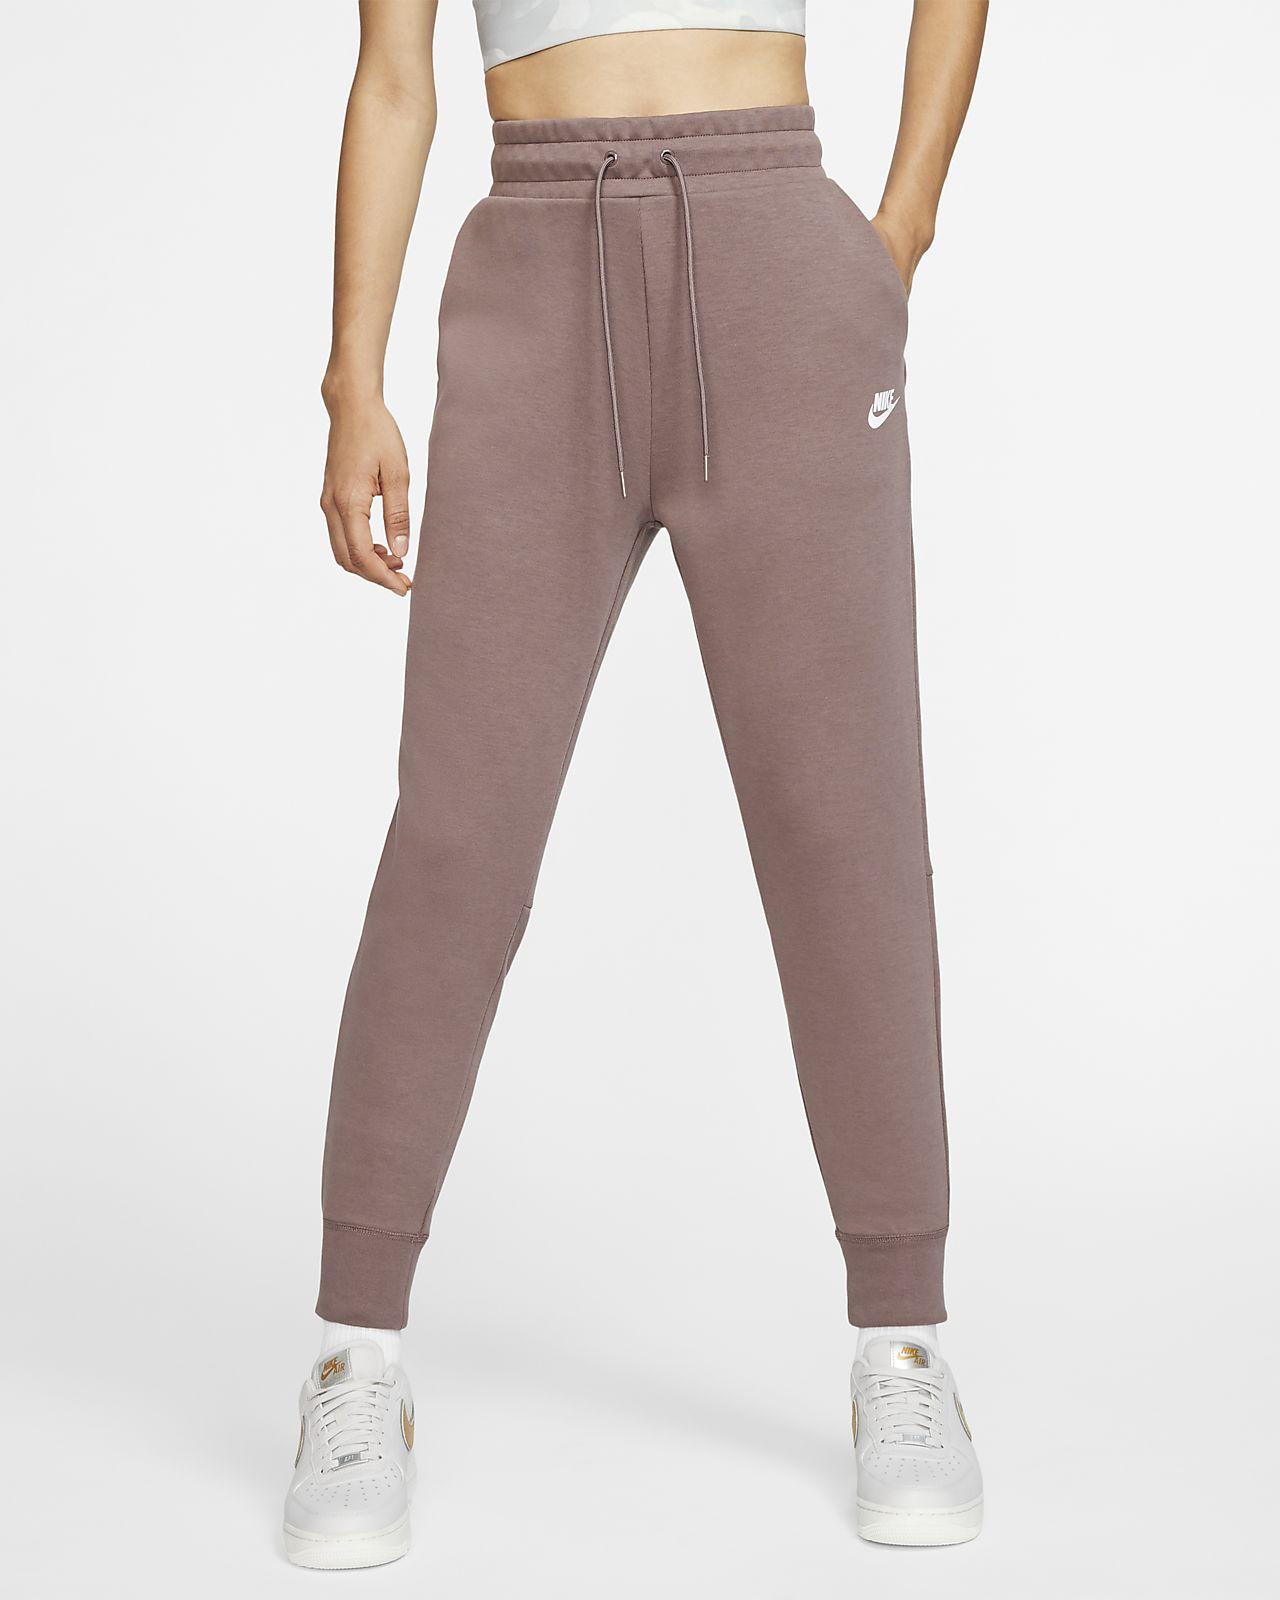 nike tech fleece pants canada sale